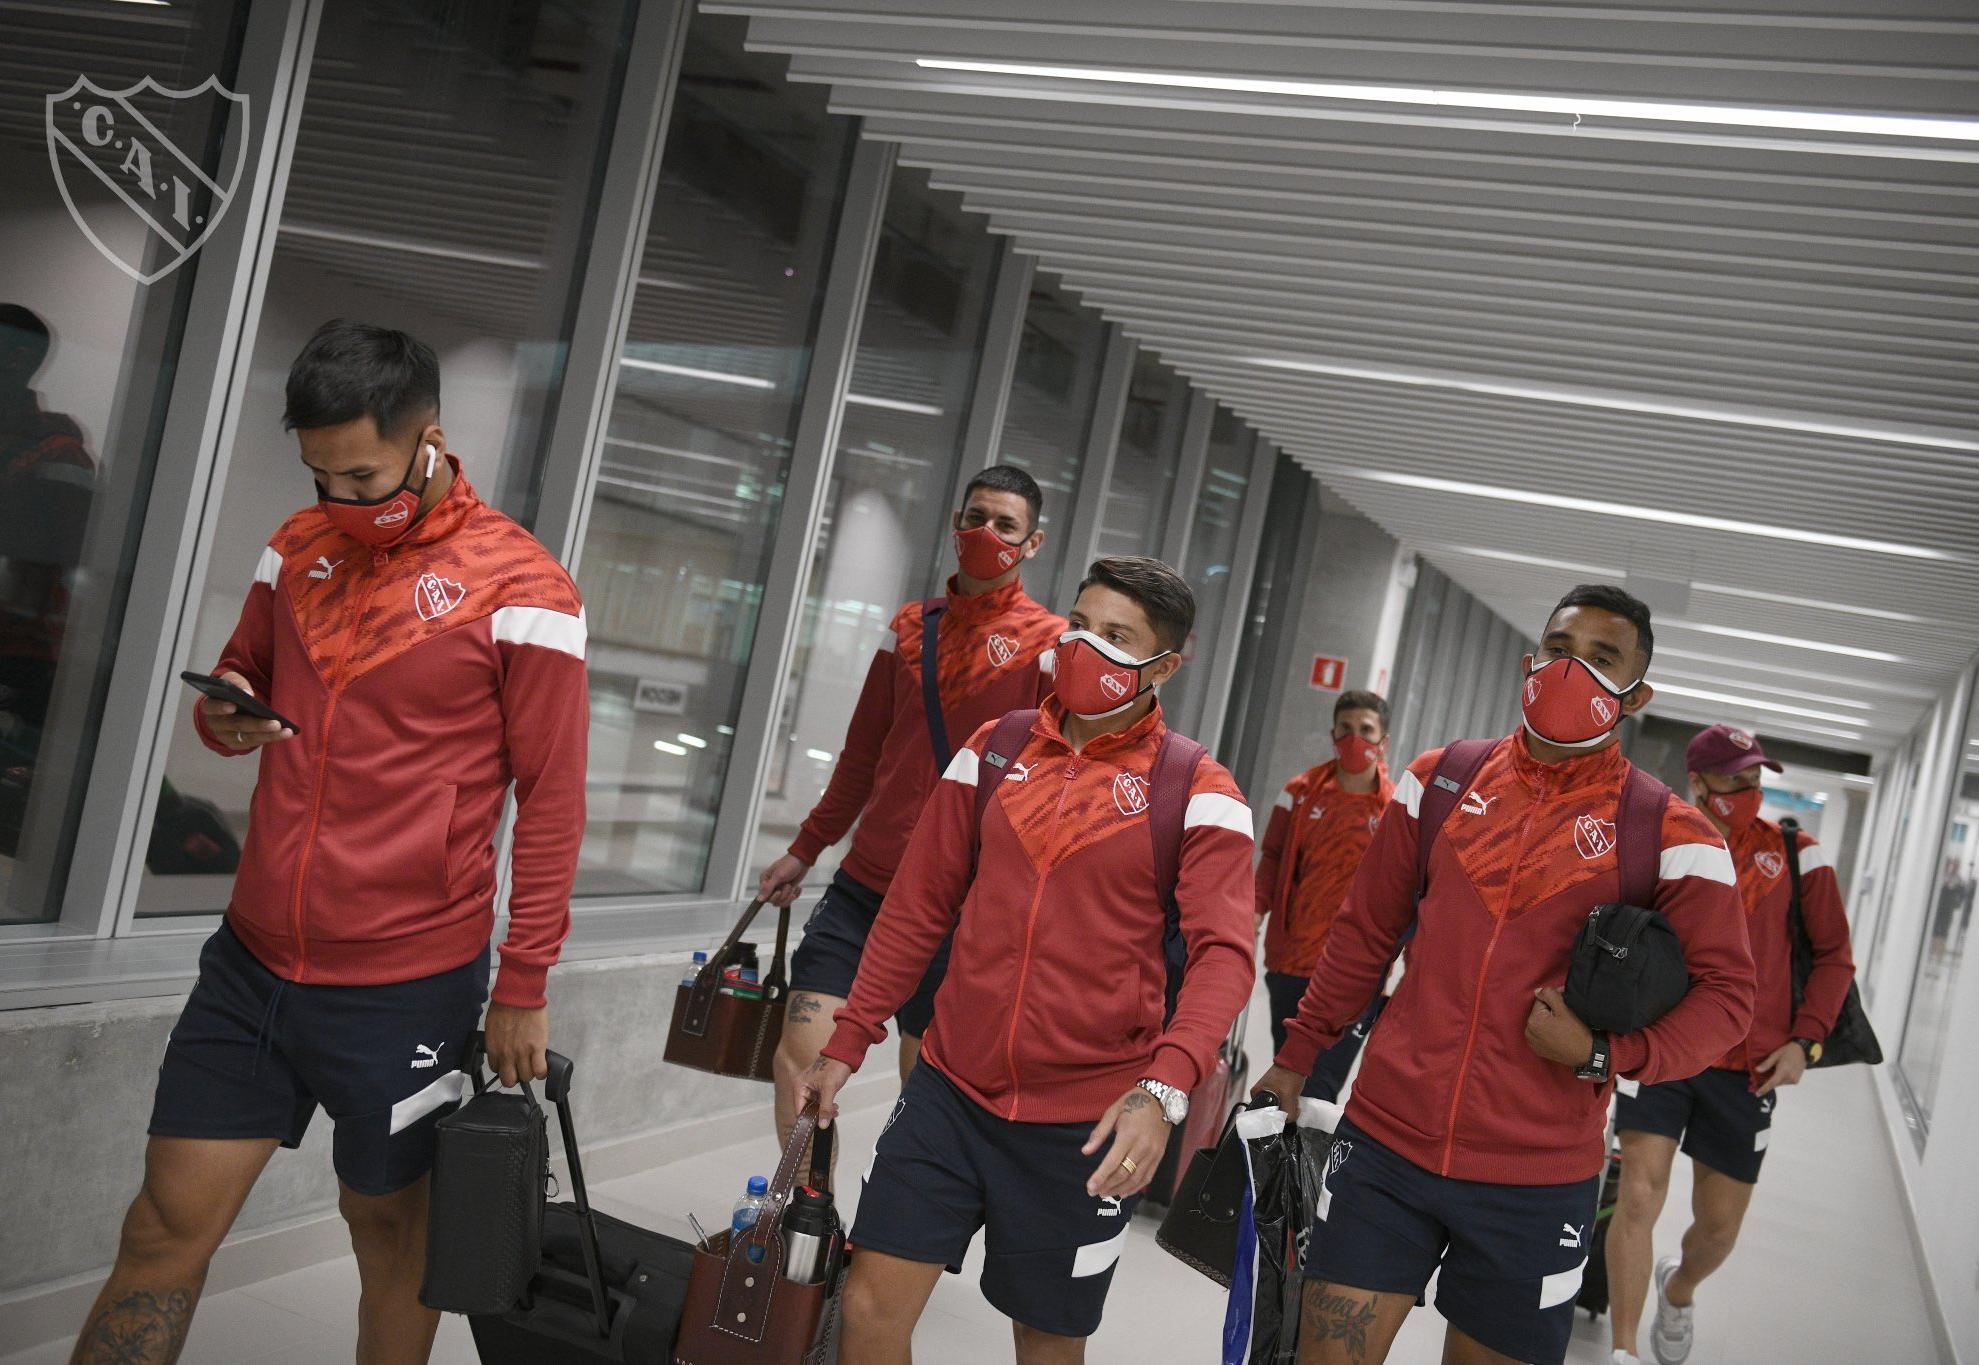 Membros da delegação do Independiente foram barrados no aeroporto